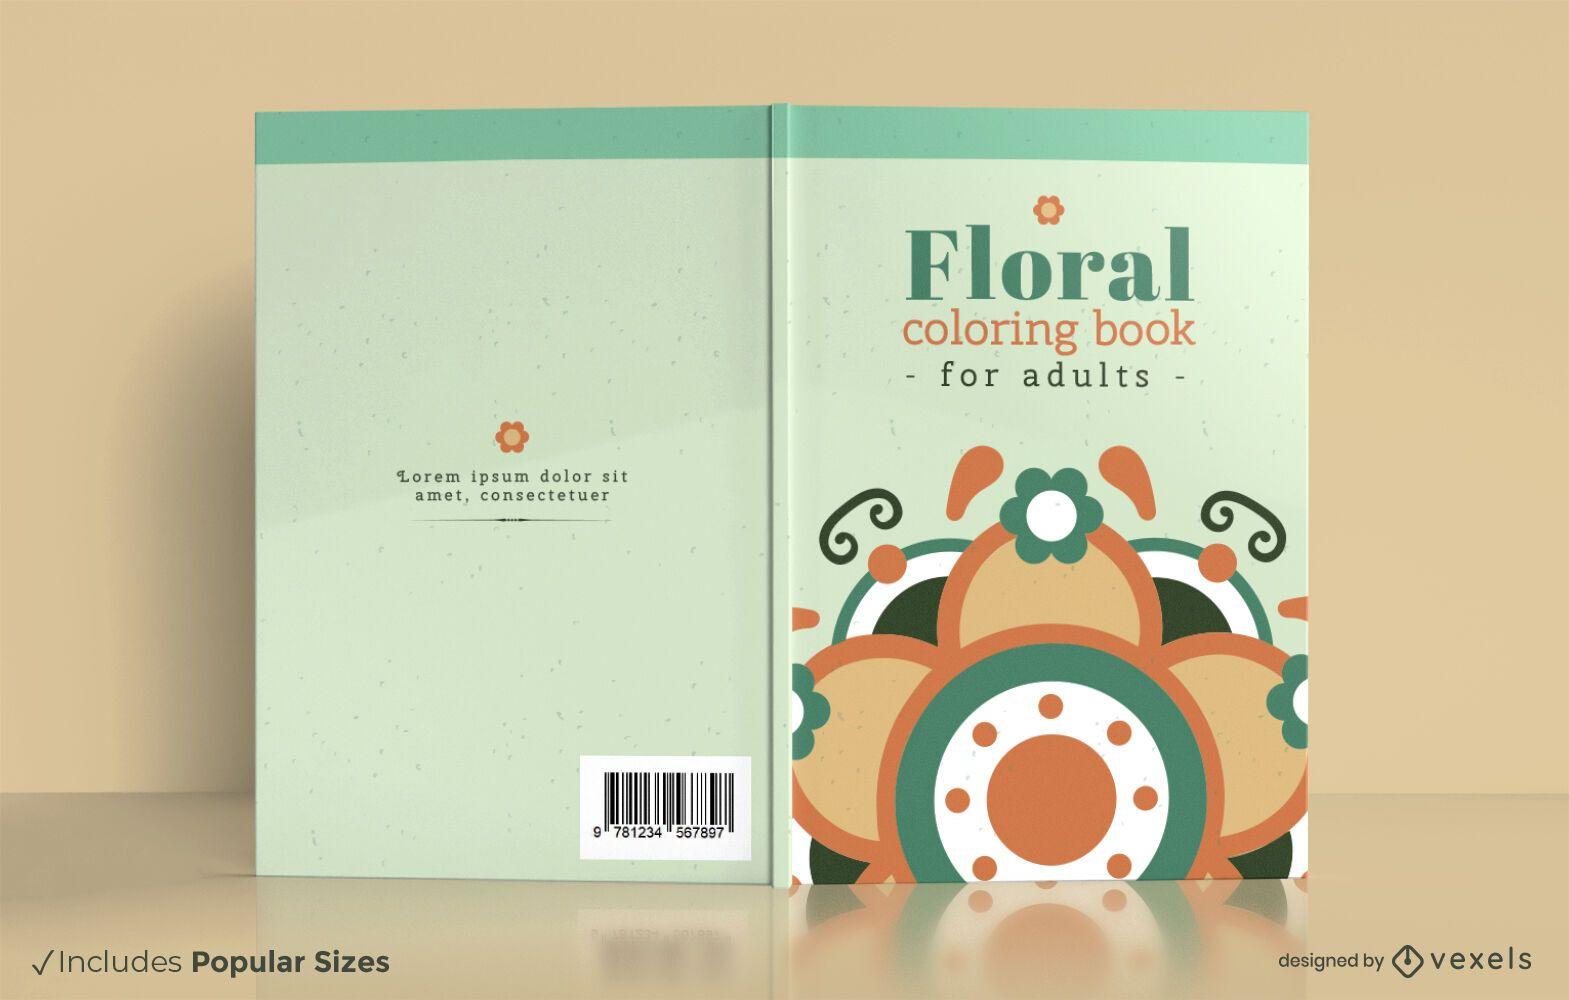 Dise?o de portada de libro para colorear mandala floral